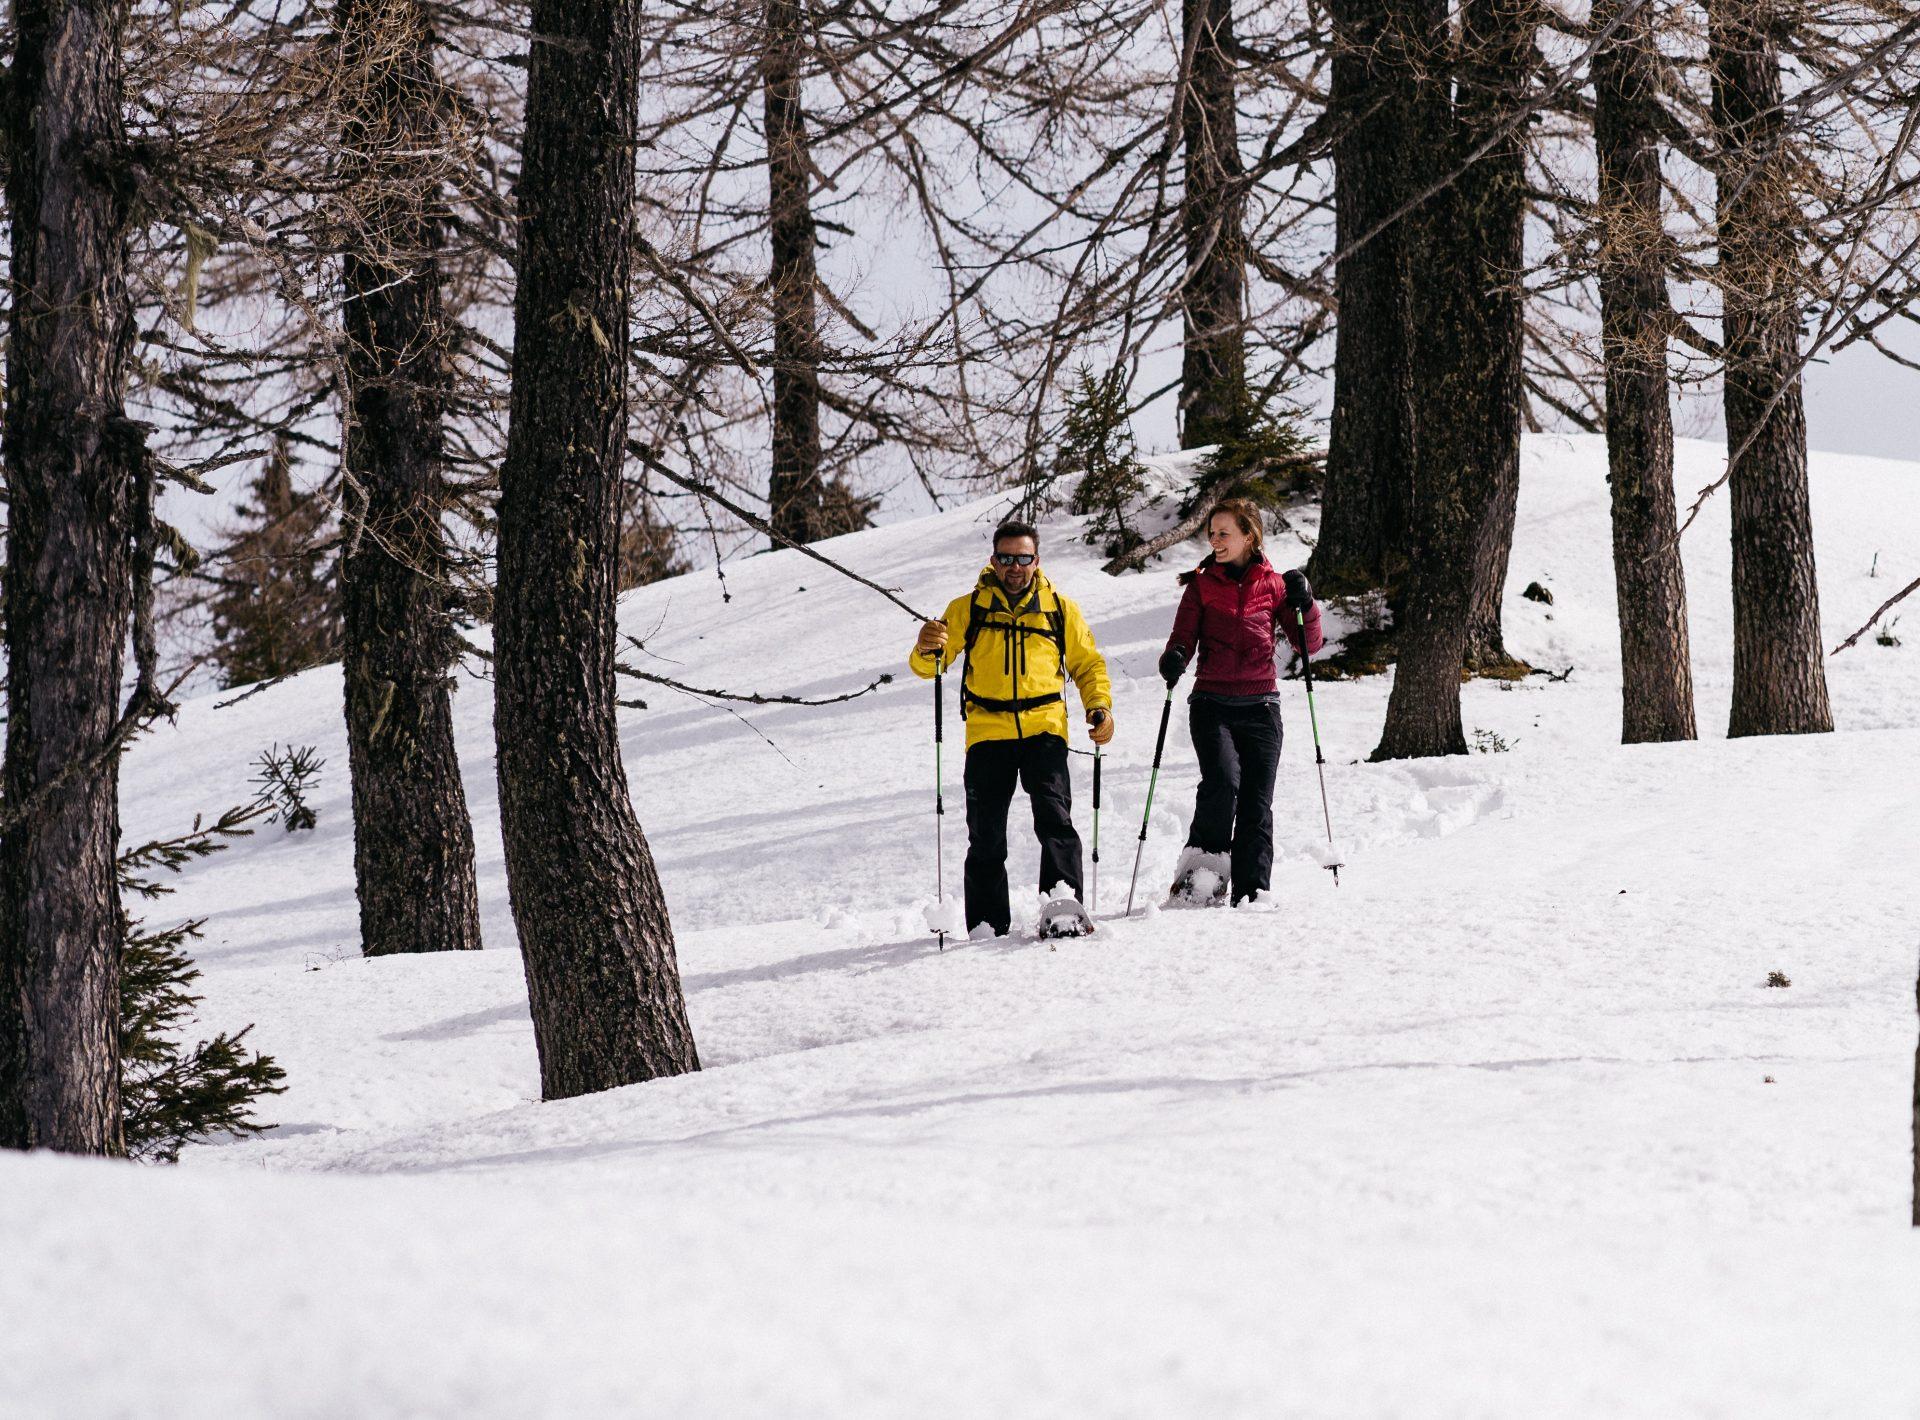 sneeuwschoenwandelen Sankt Johann in Salzburg | Oostenrijk TV